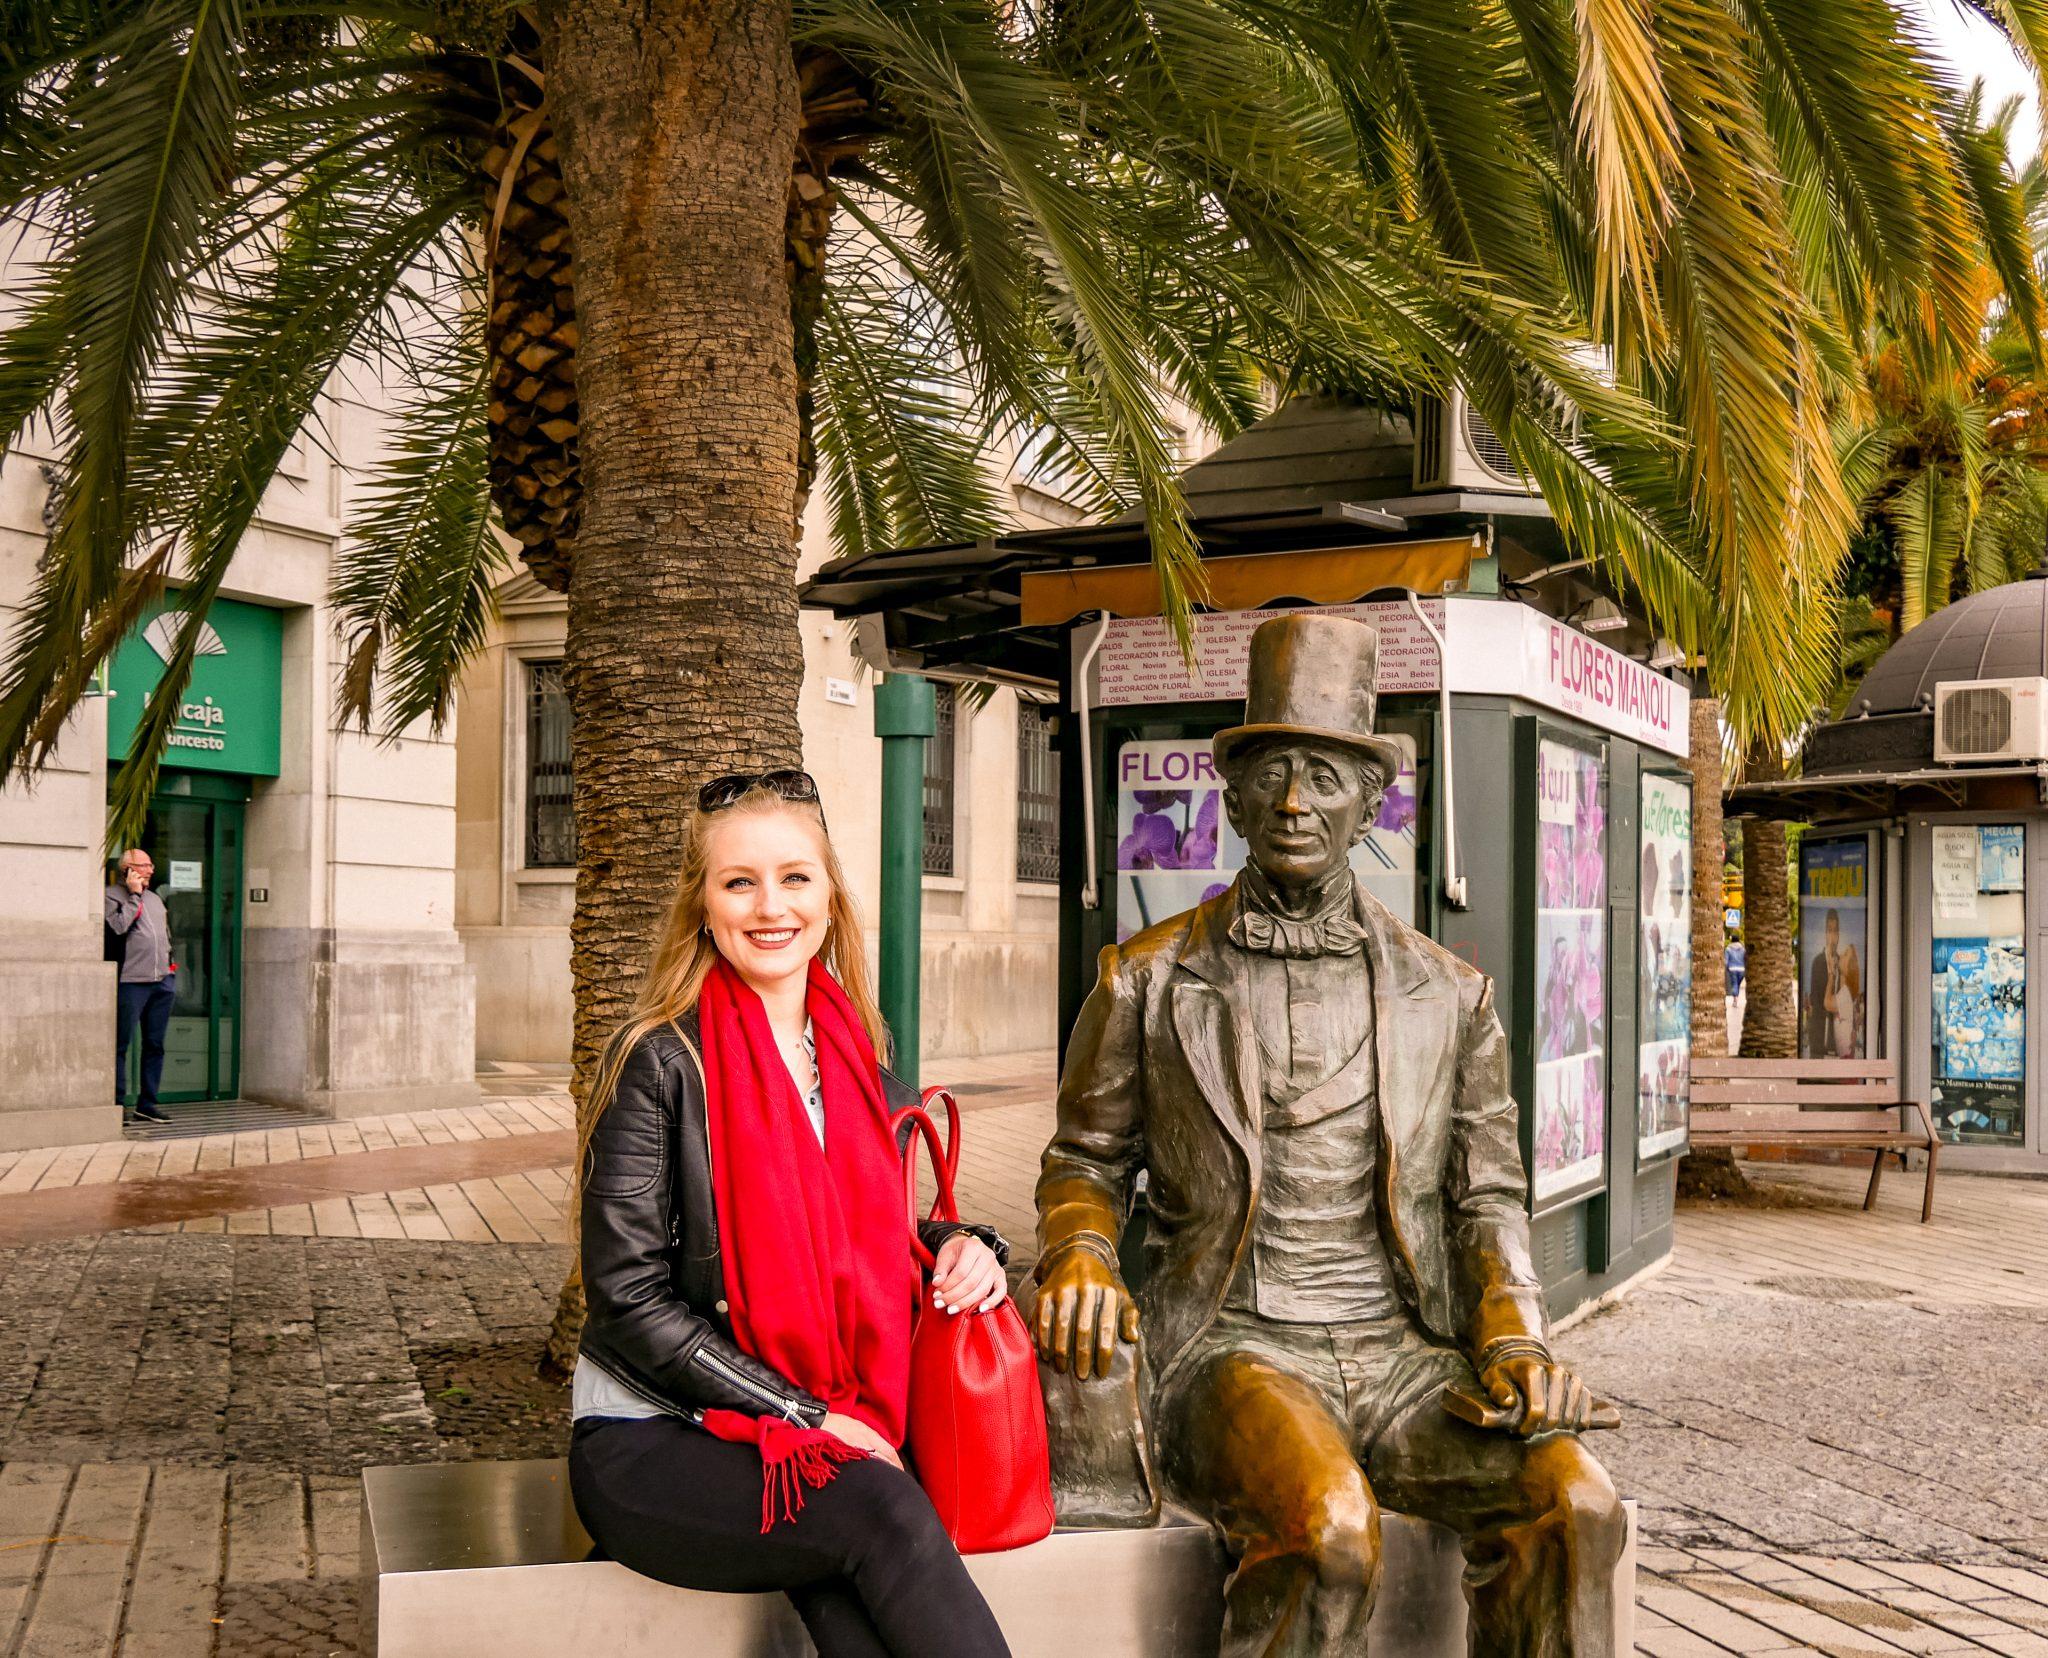 """Eine Statue von Hans Christian Andersen kannst du finden: """"In keiner anderen spanischen Stadt habe ich mich so glücklich und so wohl gefühlt wie in Malaga"""" - Hans Christian Andersen"""